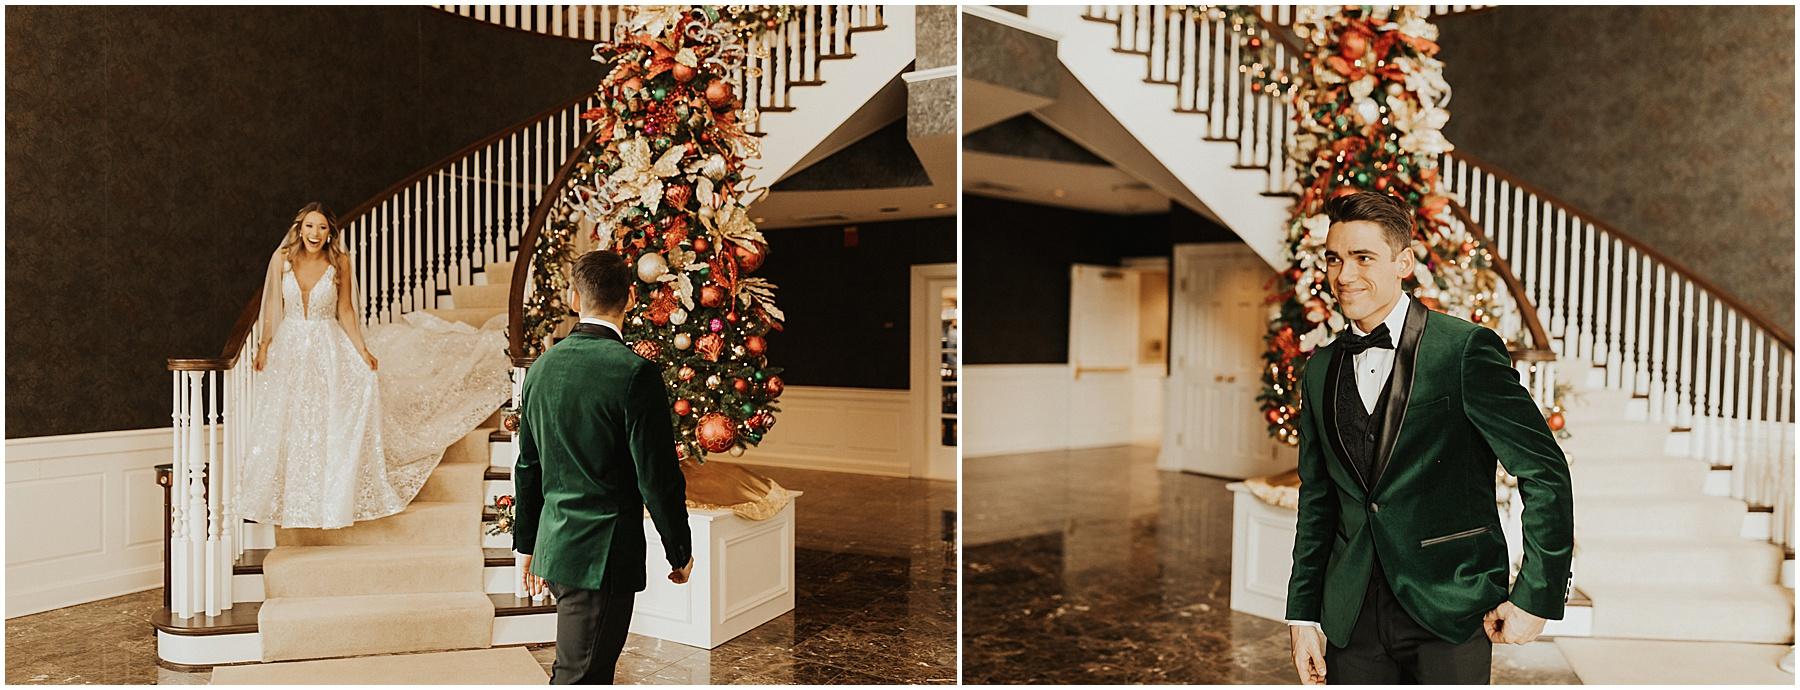 Christmas Wedding in Ohio_0240.jpg